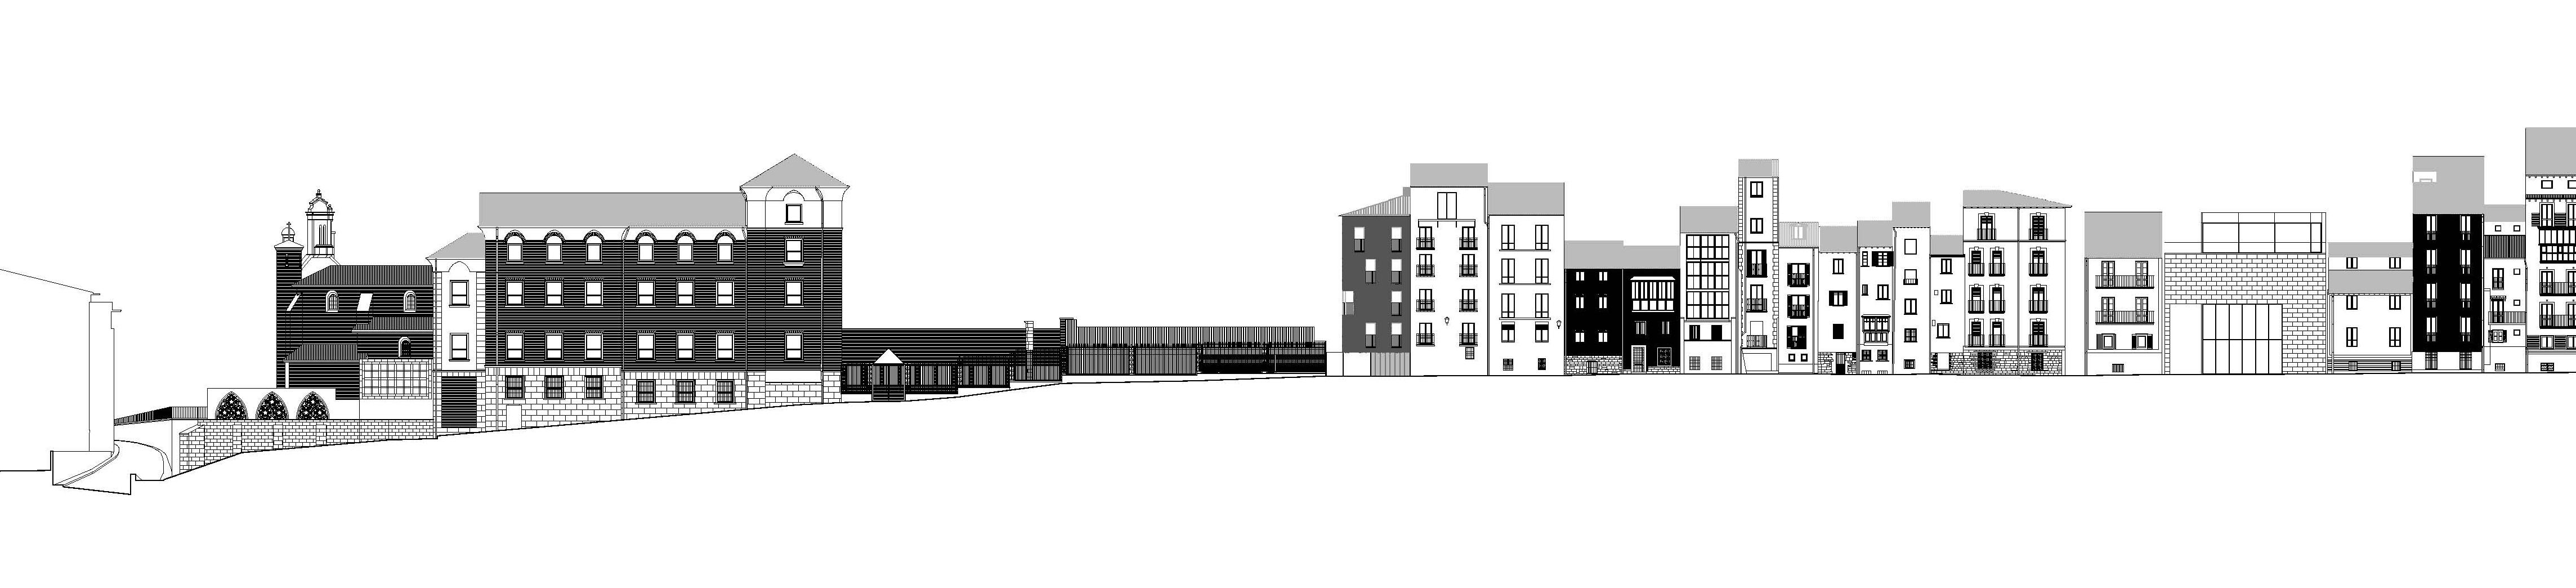 Pereda p rez arquitectos edificio de viviendas en la - Alzado arquitectura ...